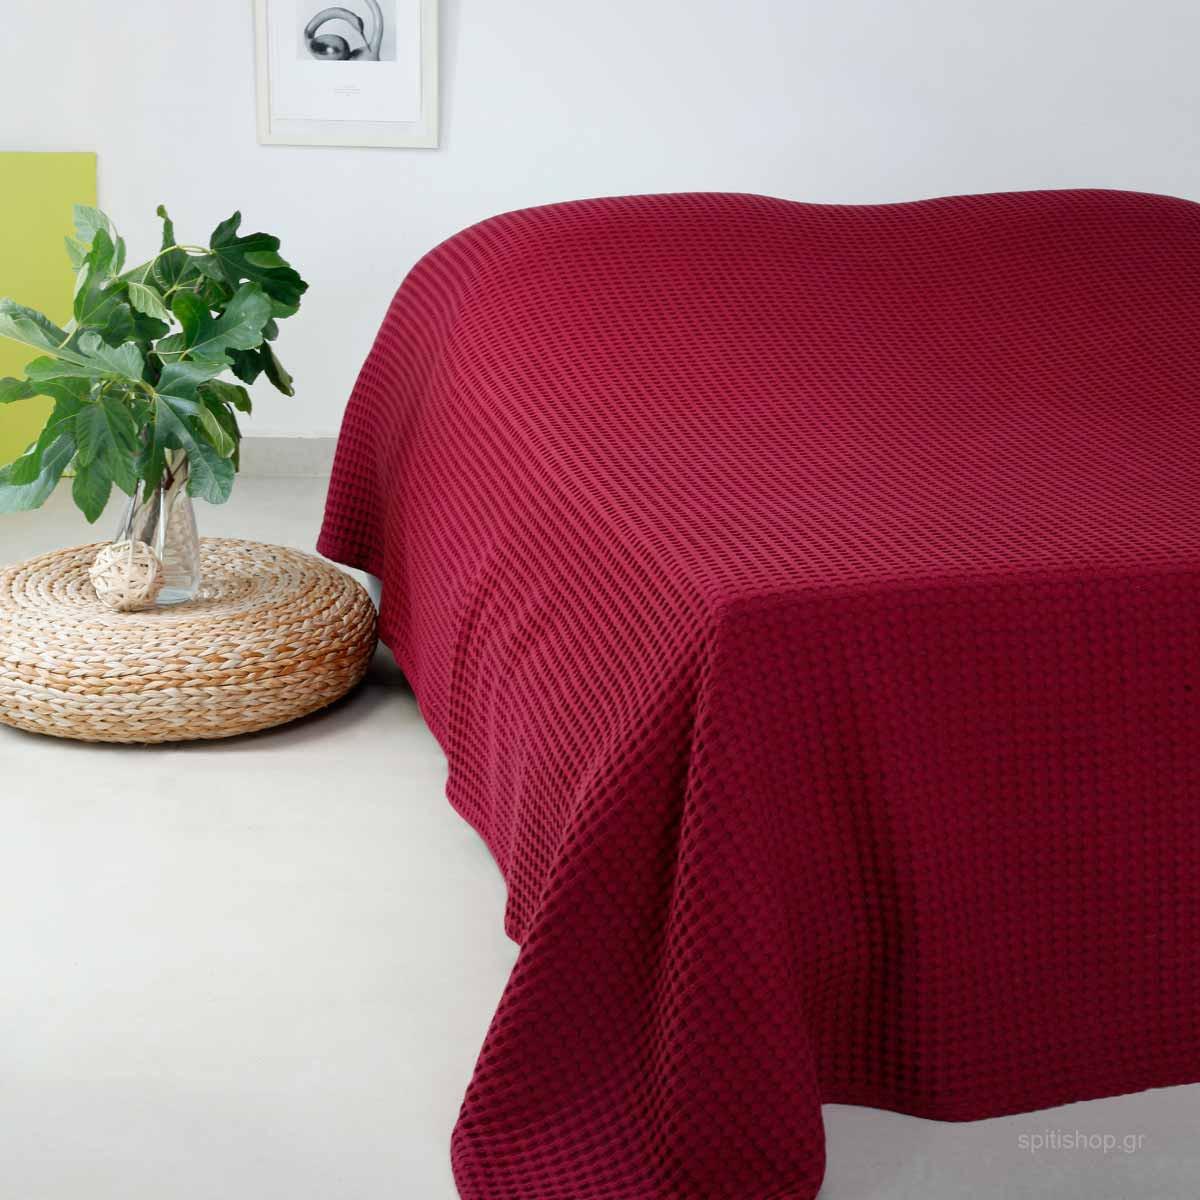 Κουβέρτα Πικέ Διπλή Melinen Patmos Bordeaux